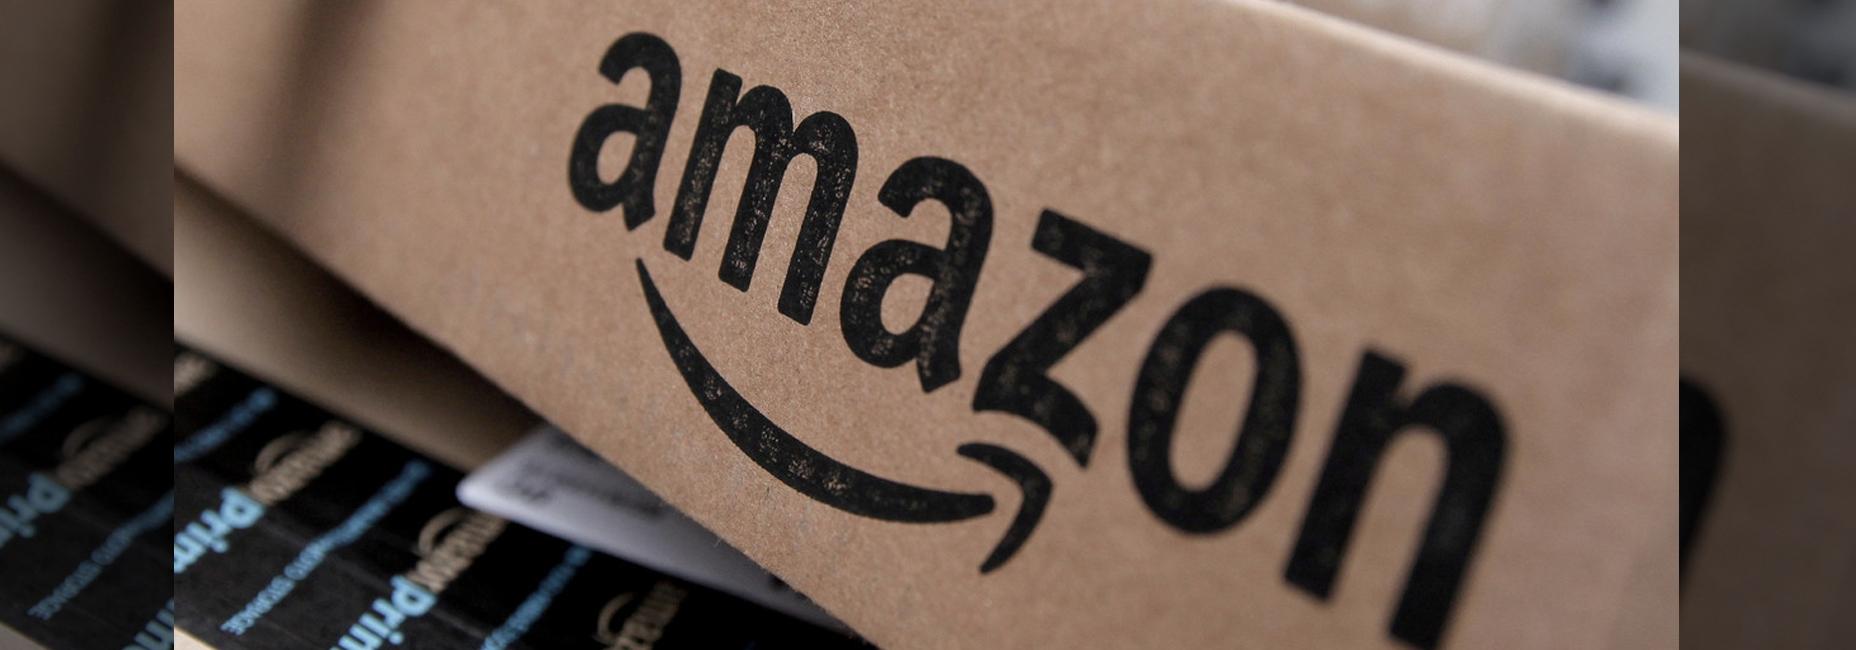 ¿Buscas regalo de último minuto? Estas son grandes opciones de Amazon